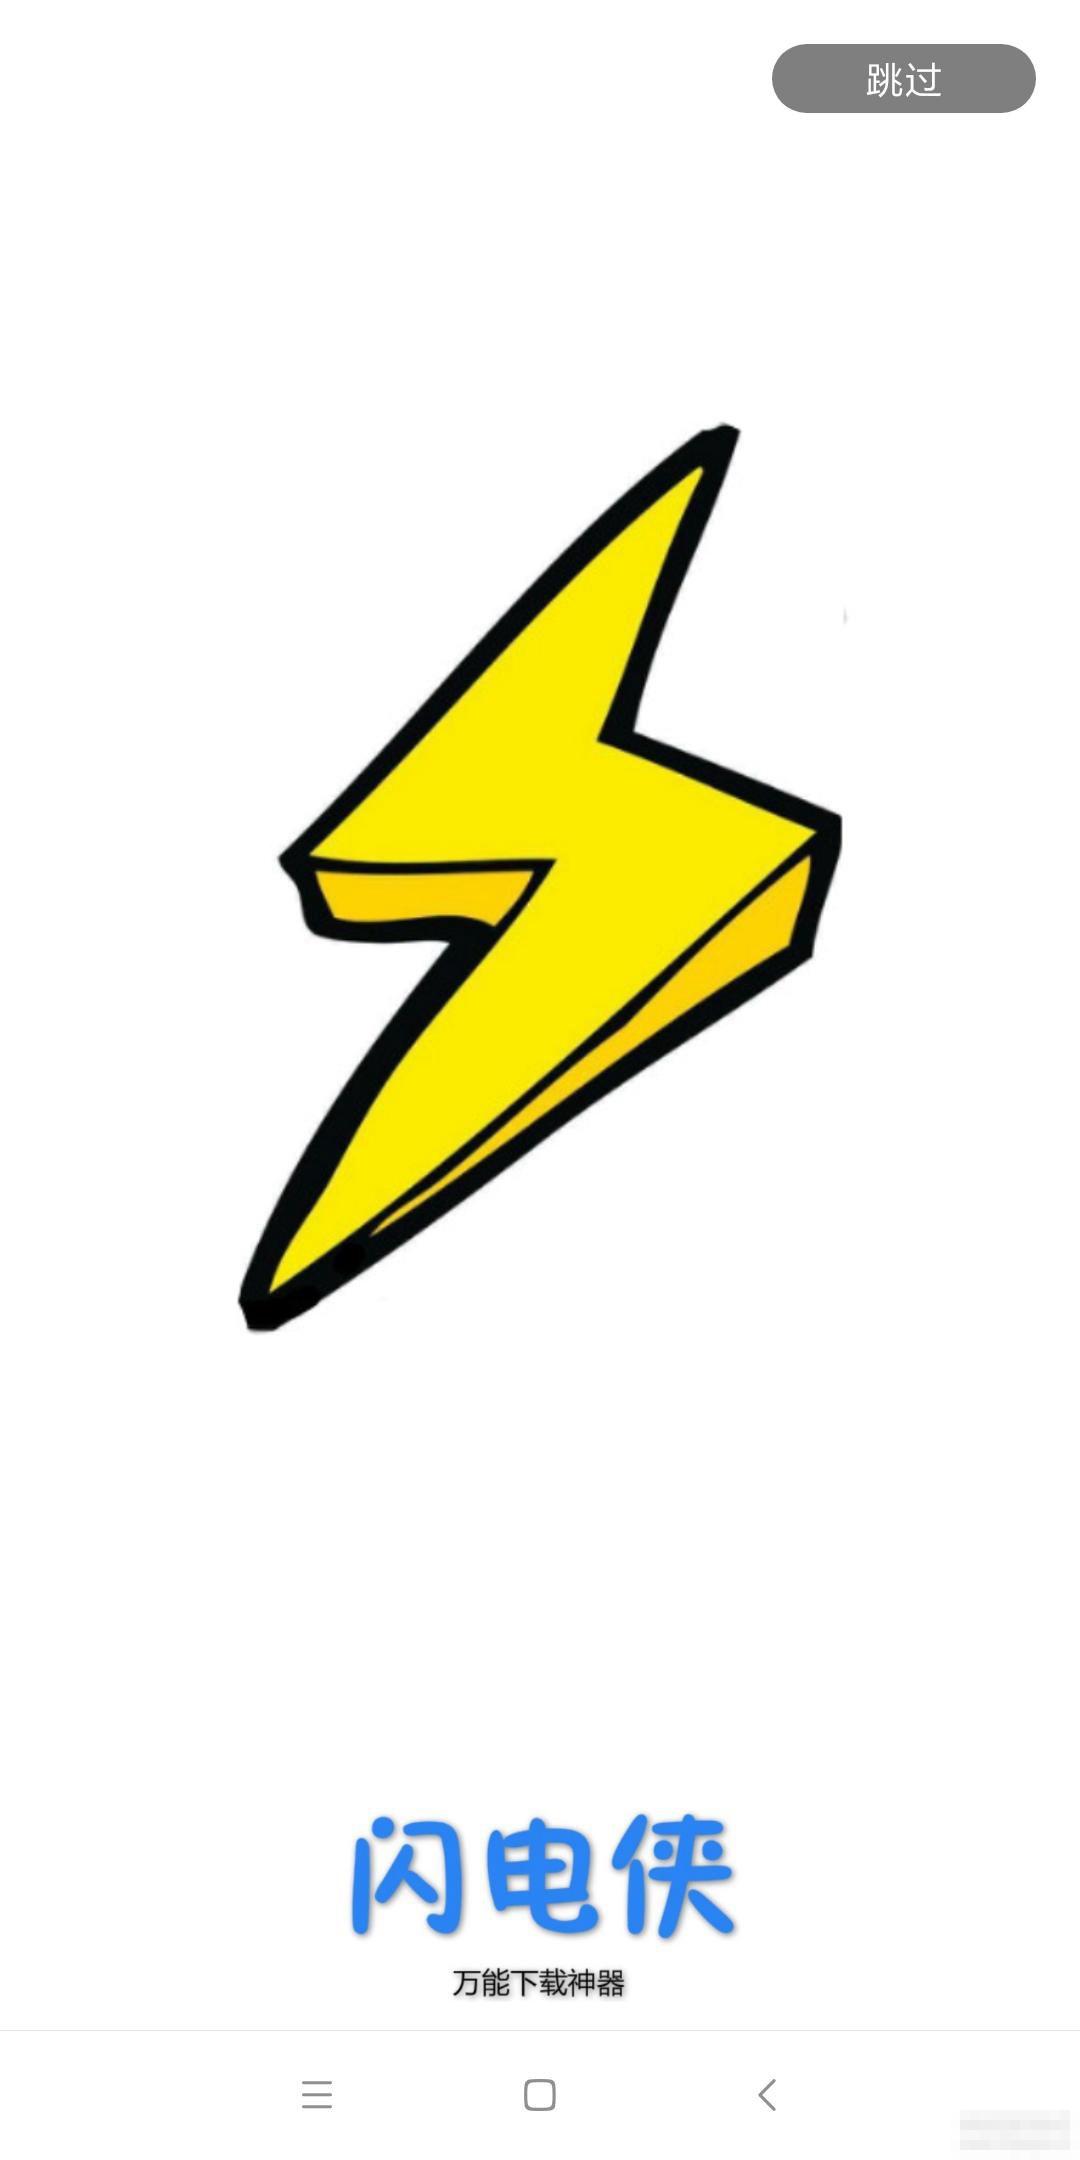 闪电下载 - 替代迅雷安卓手机下载加速工具 (支持bt/磁力/.